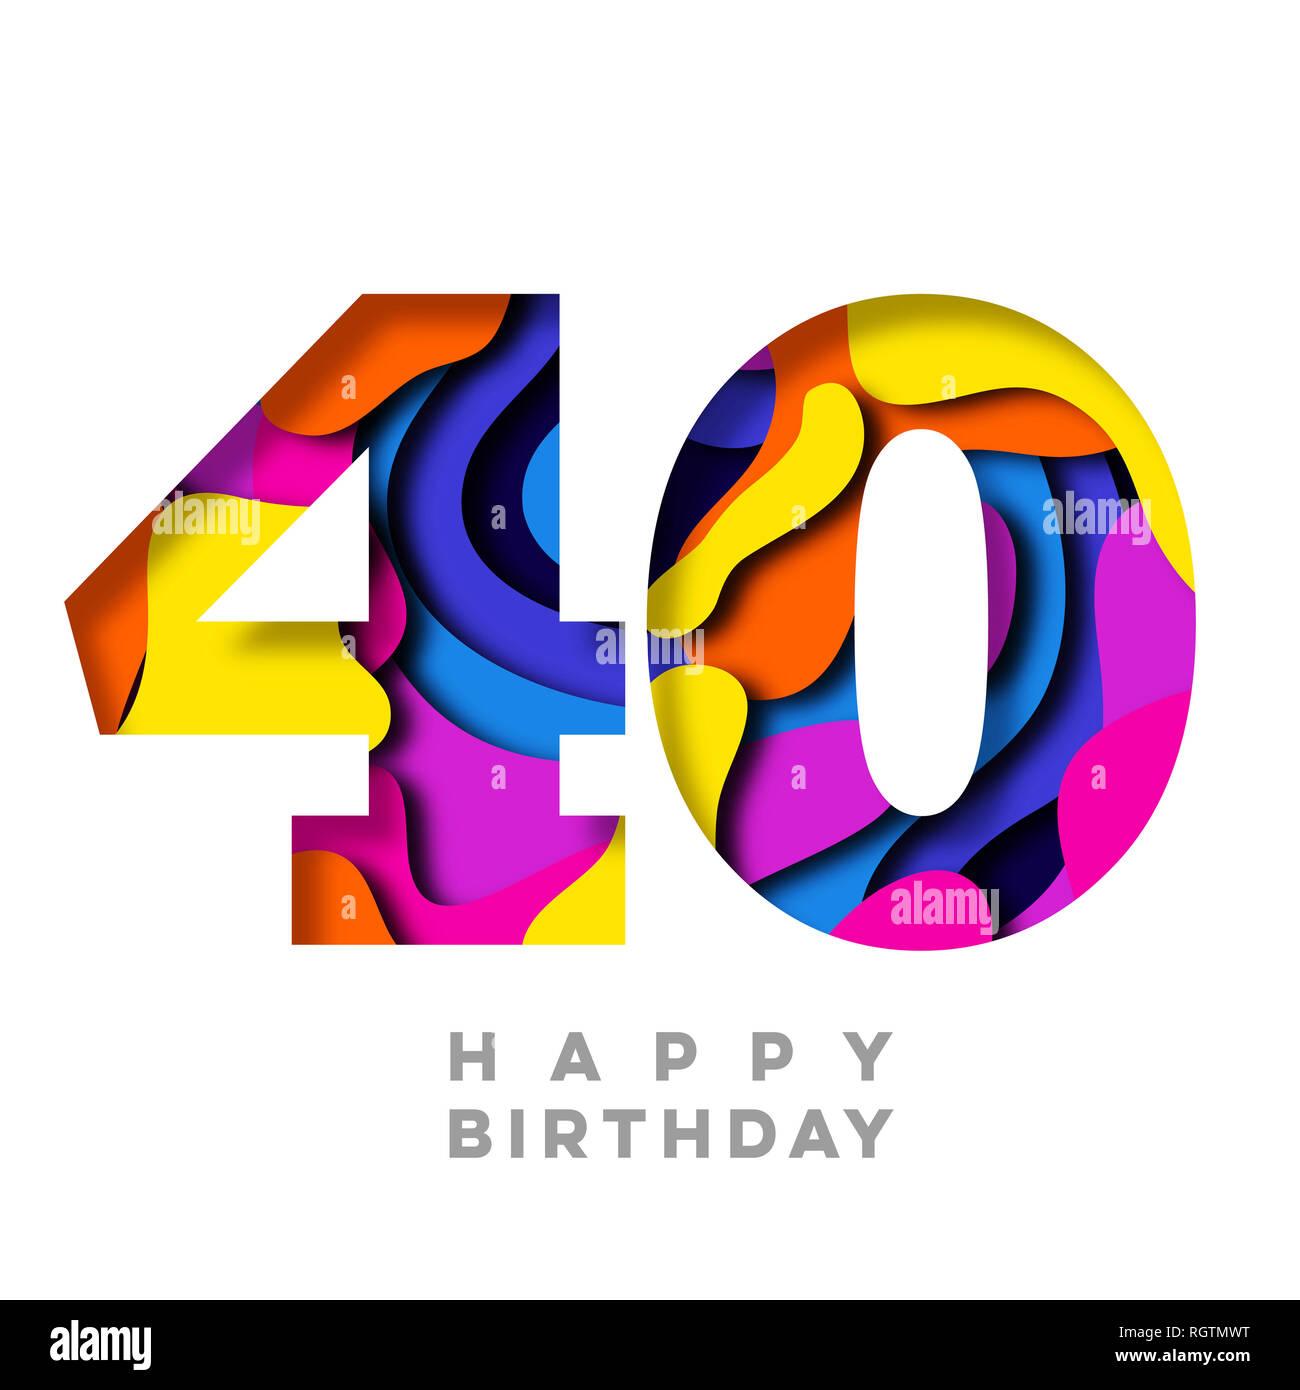 Imagenes De Cumpleanos Numero 40.Feliz Cumpleanos Numero 40 Colorido Diseno De Corte De Papel